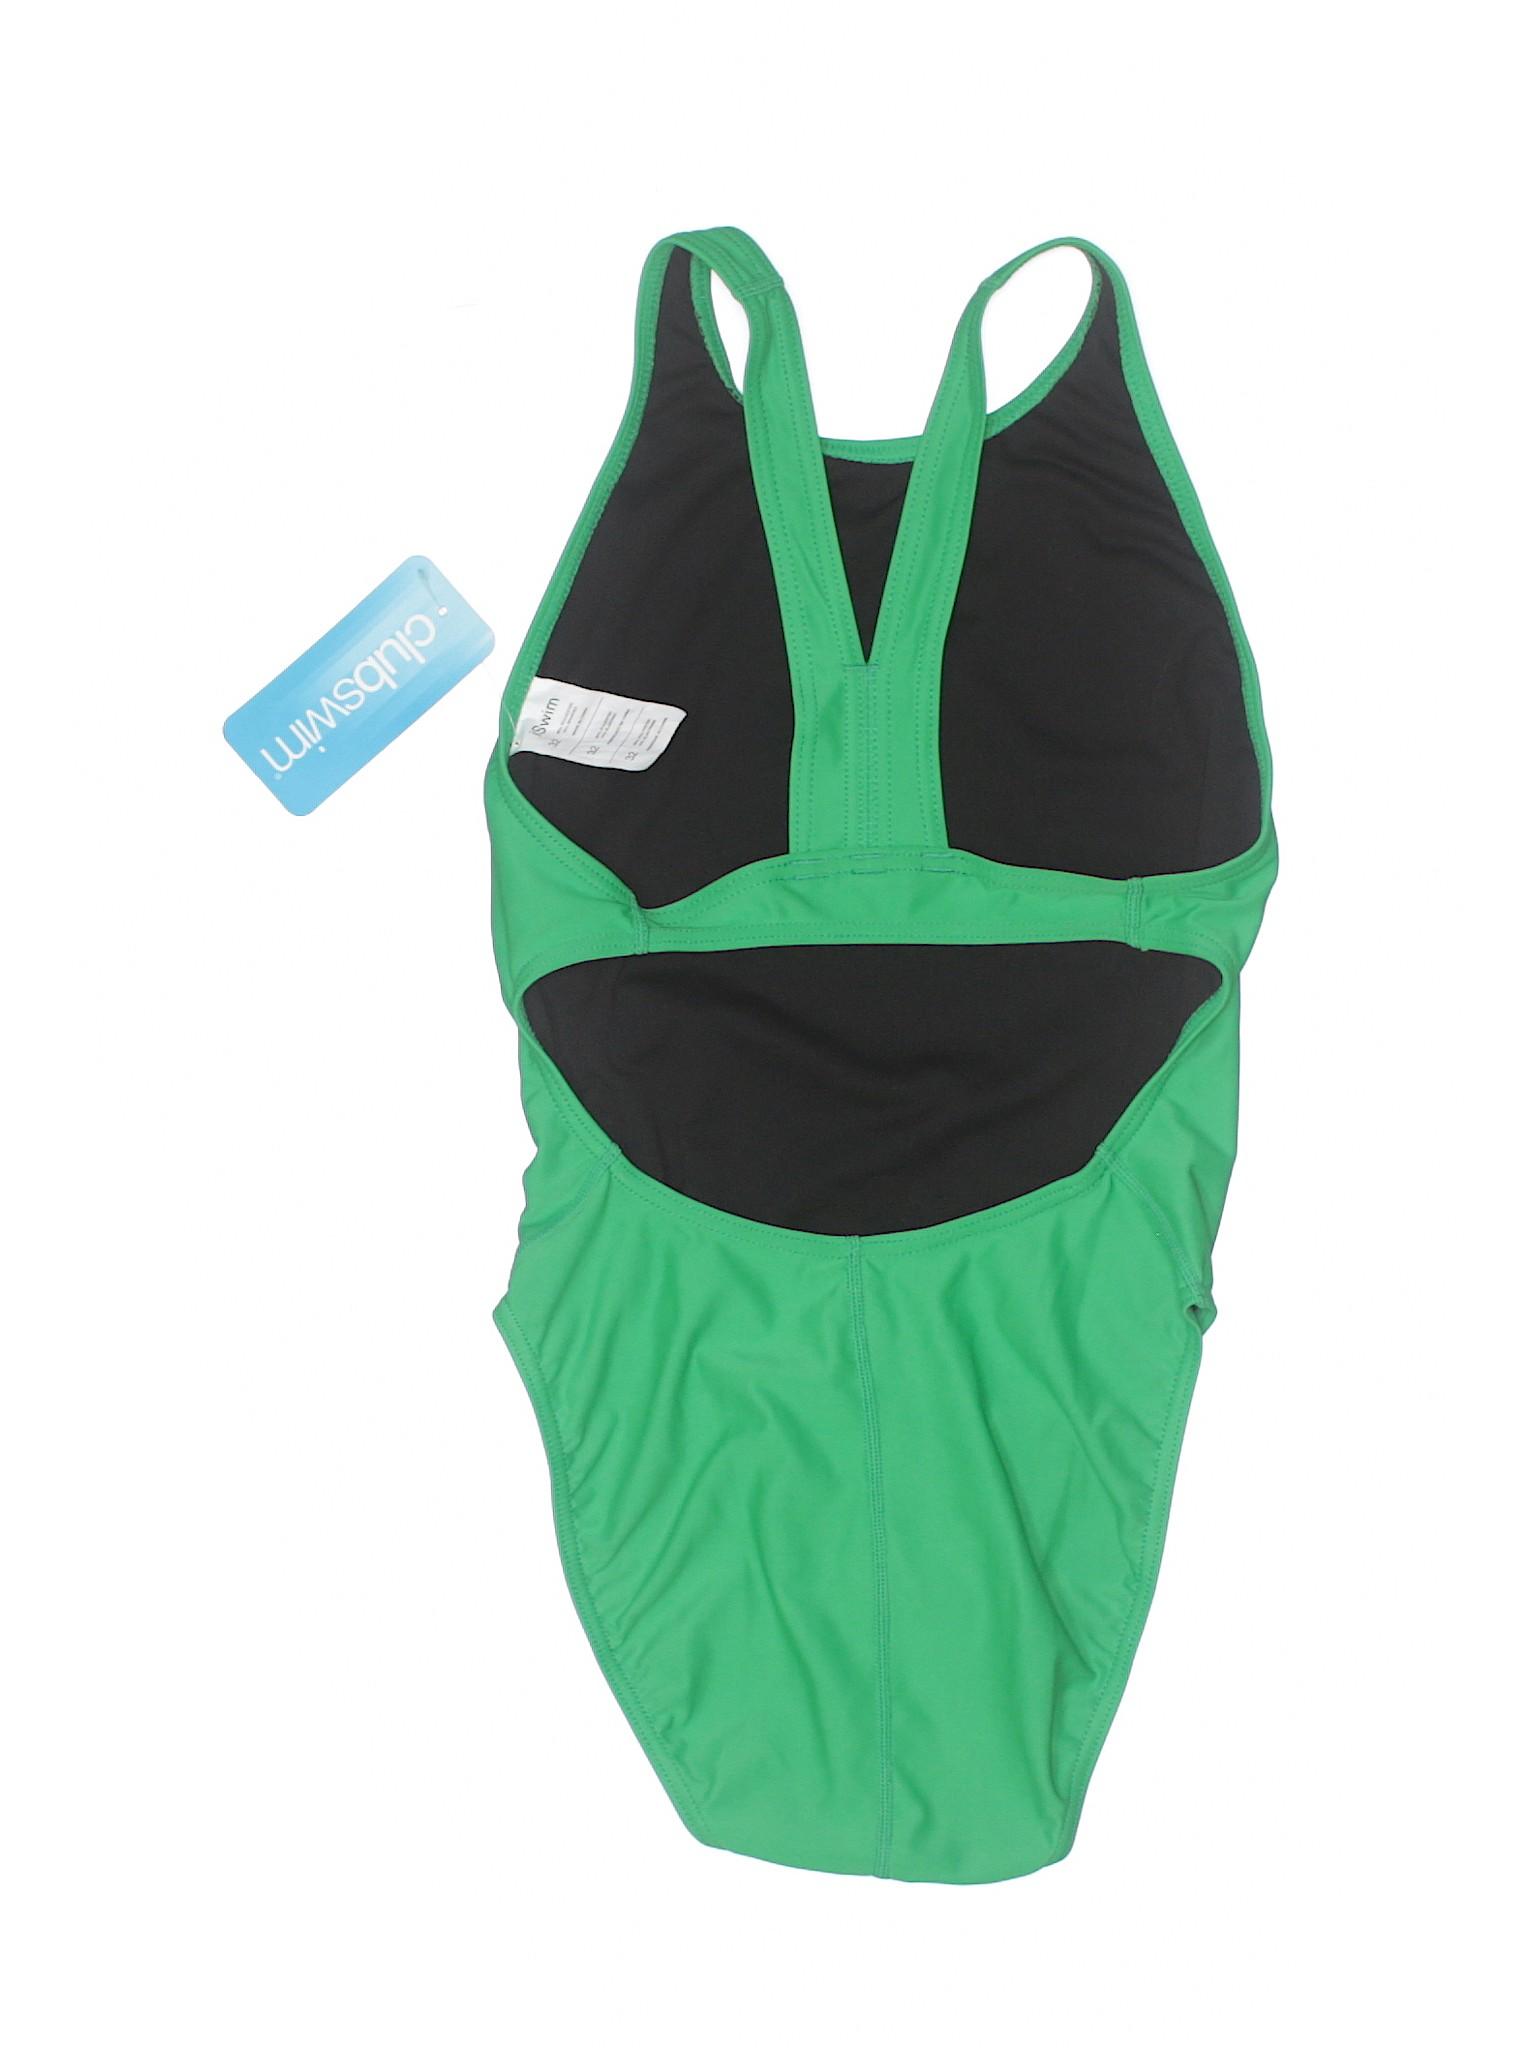 ClubSwim One Swimsuit Piece ClubSwim Swimsuit Piece One Boutique ClubSwim Boutique Boutique ClubSwim Piece One Swimsuit One Boutique gTngqrwx